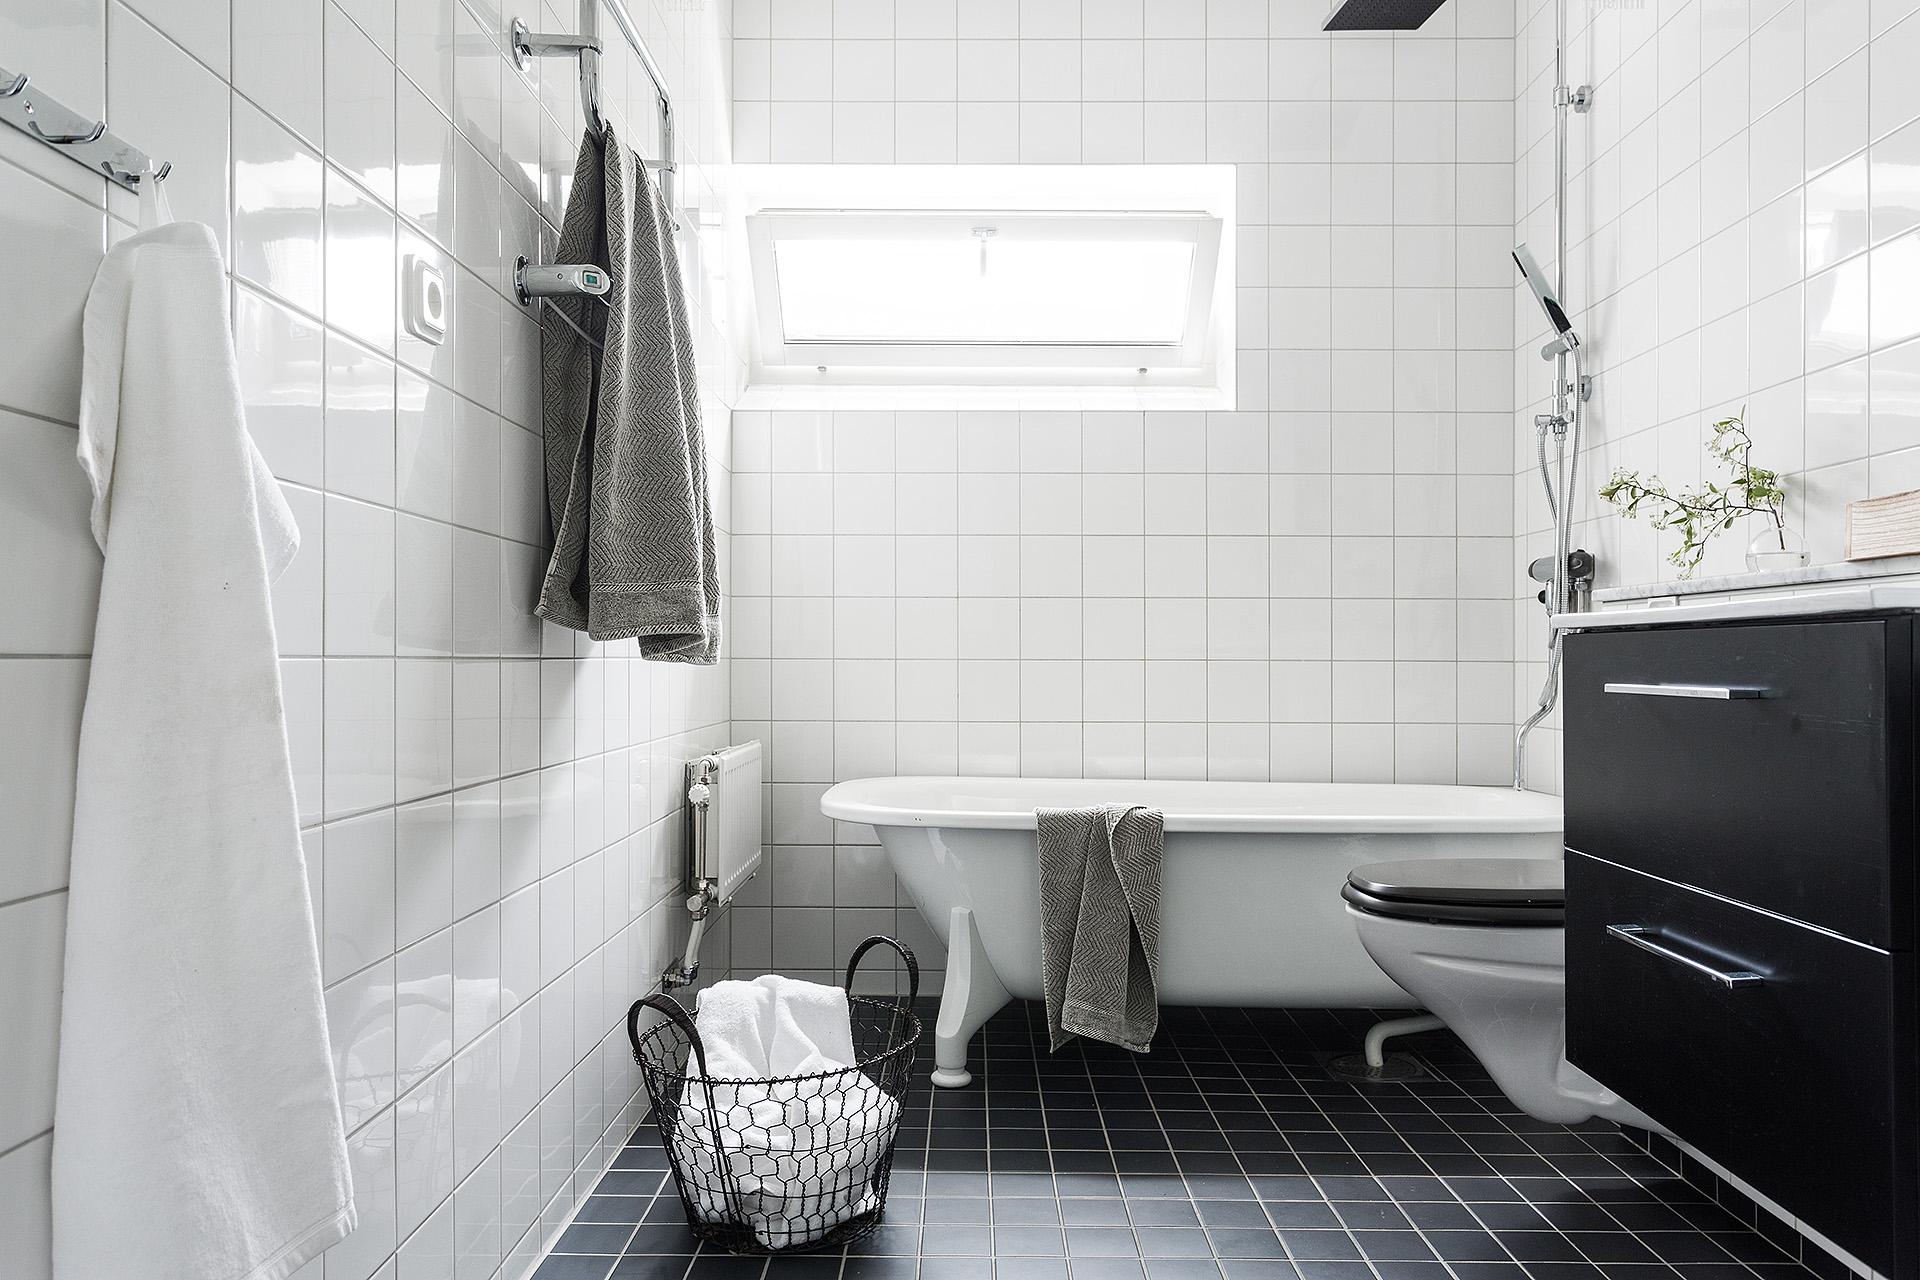 Ikea Badkamer Voorbeelden : Simpele ikea badkamer badkamers voorbeelden